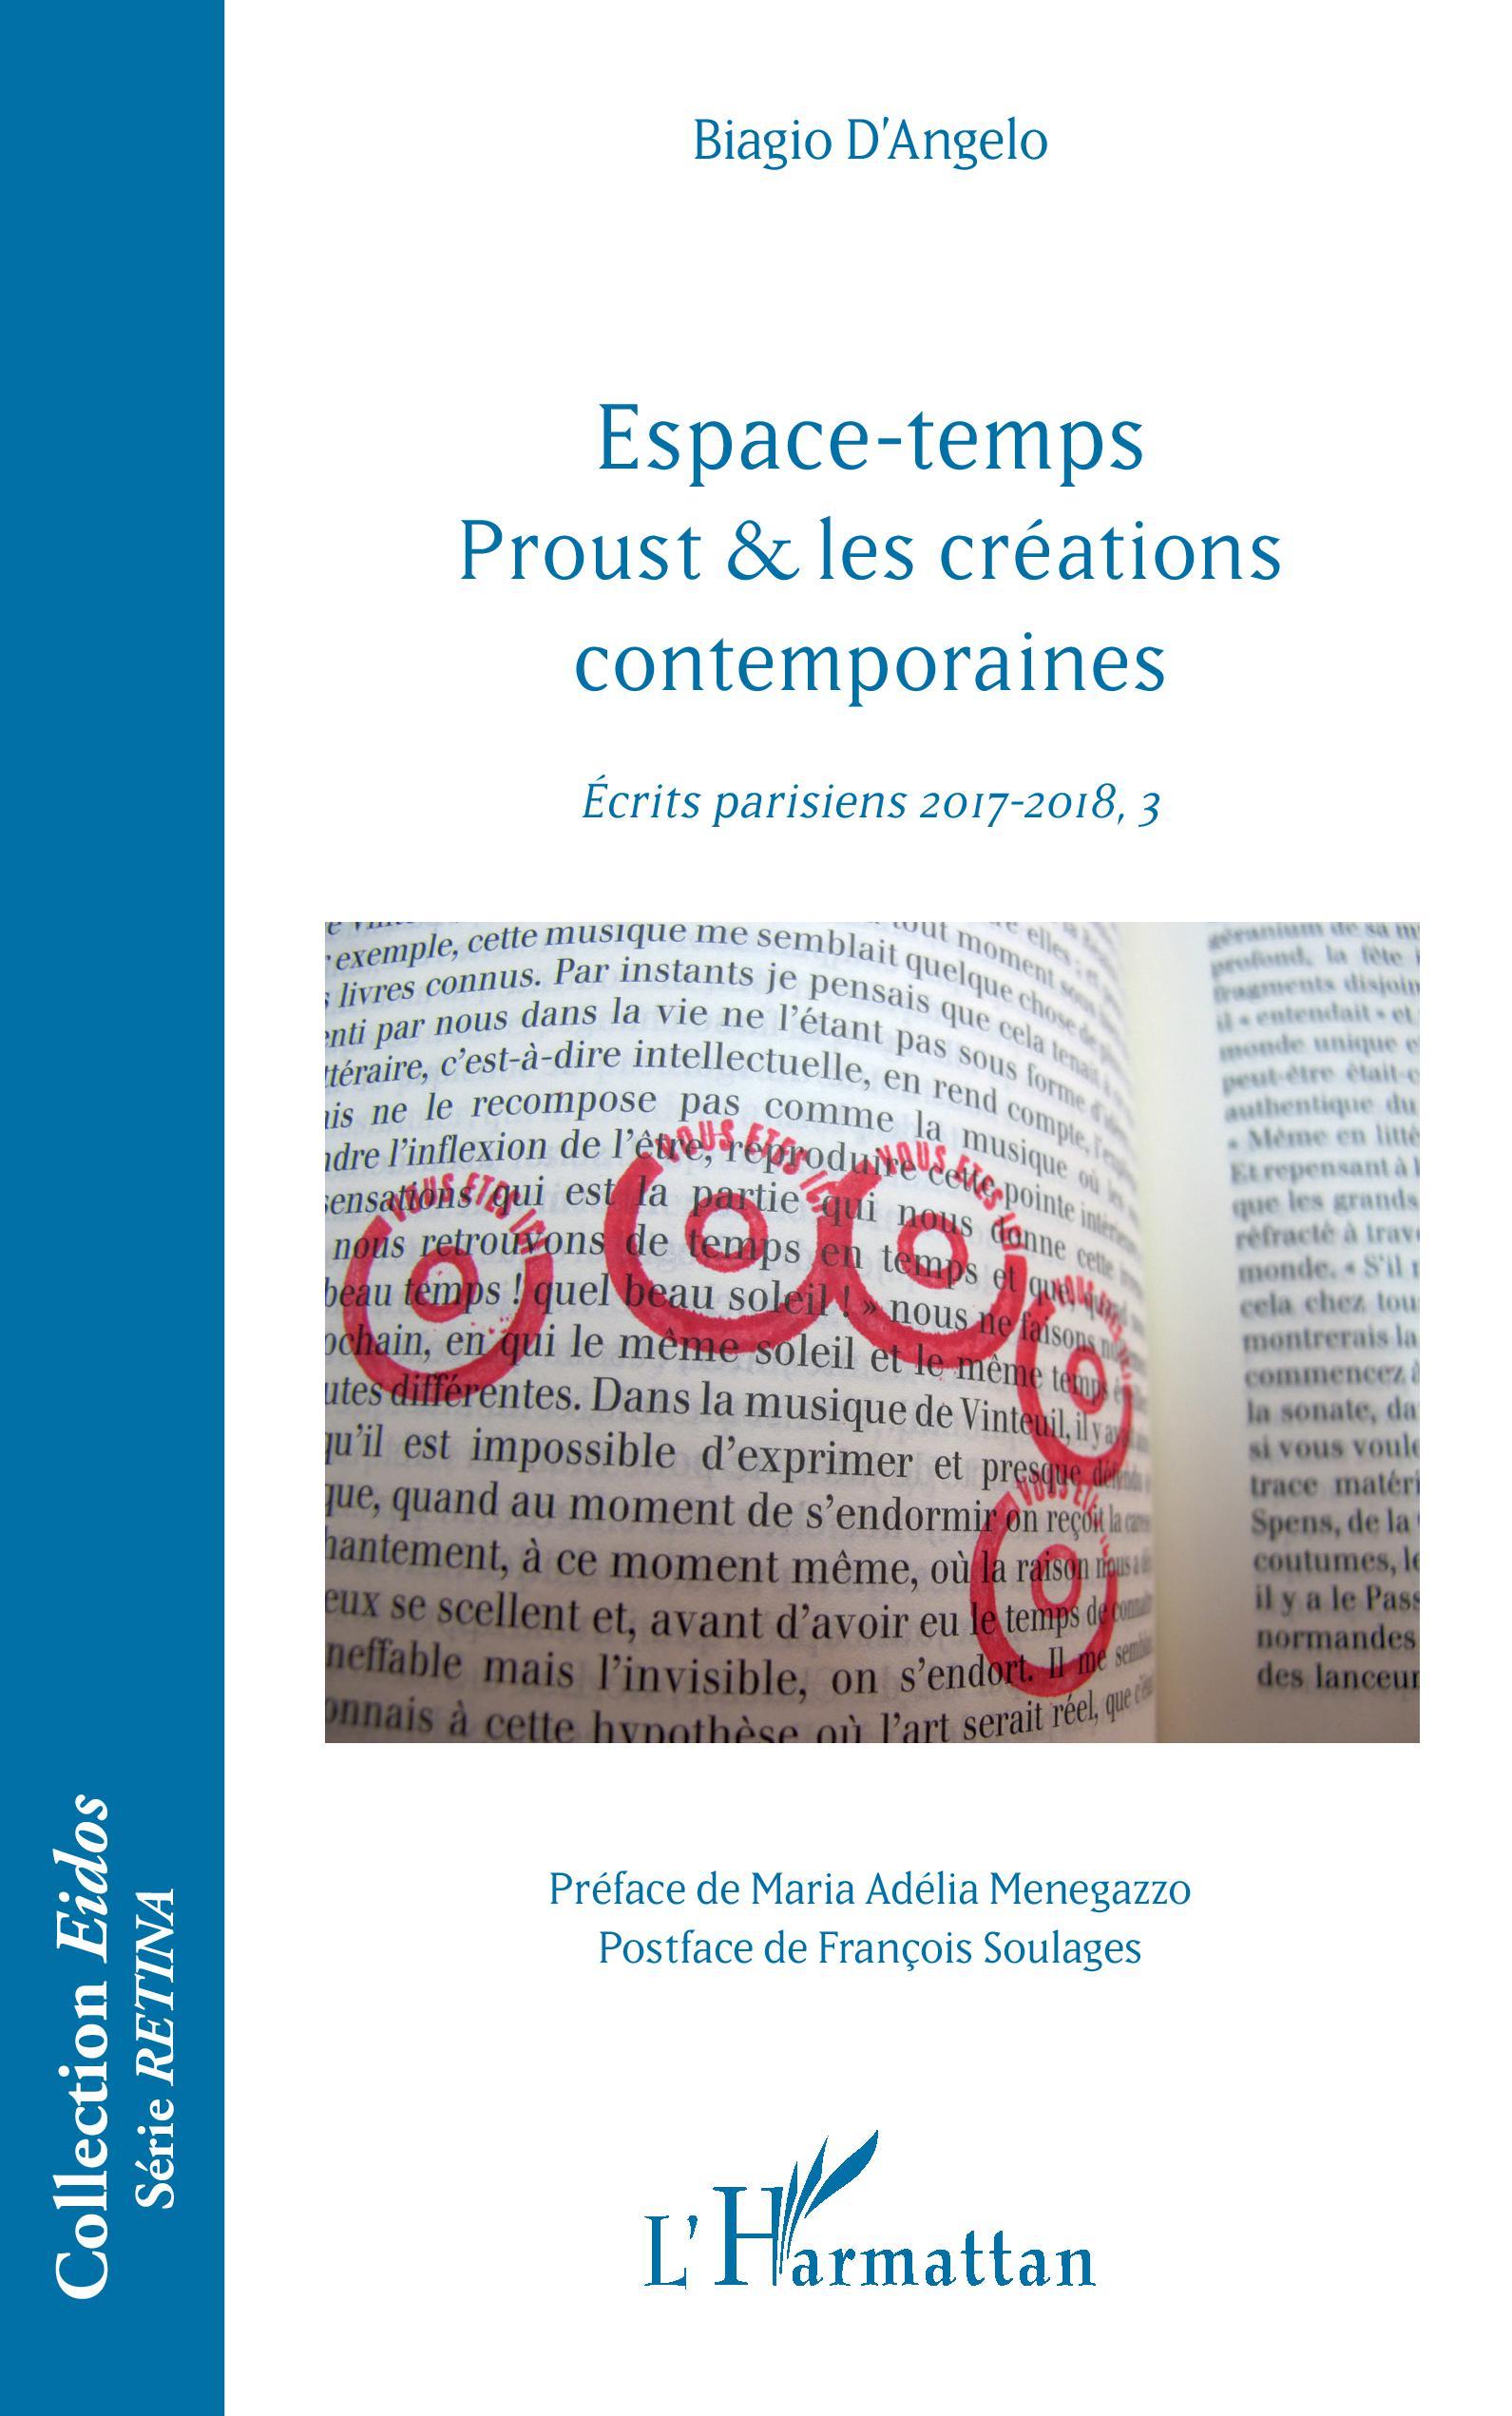 B. D'Angelo, Espace-temps : Proust & les créations contemporaines - Ecrits parisiens 2017-2018, 3